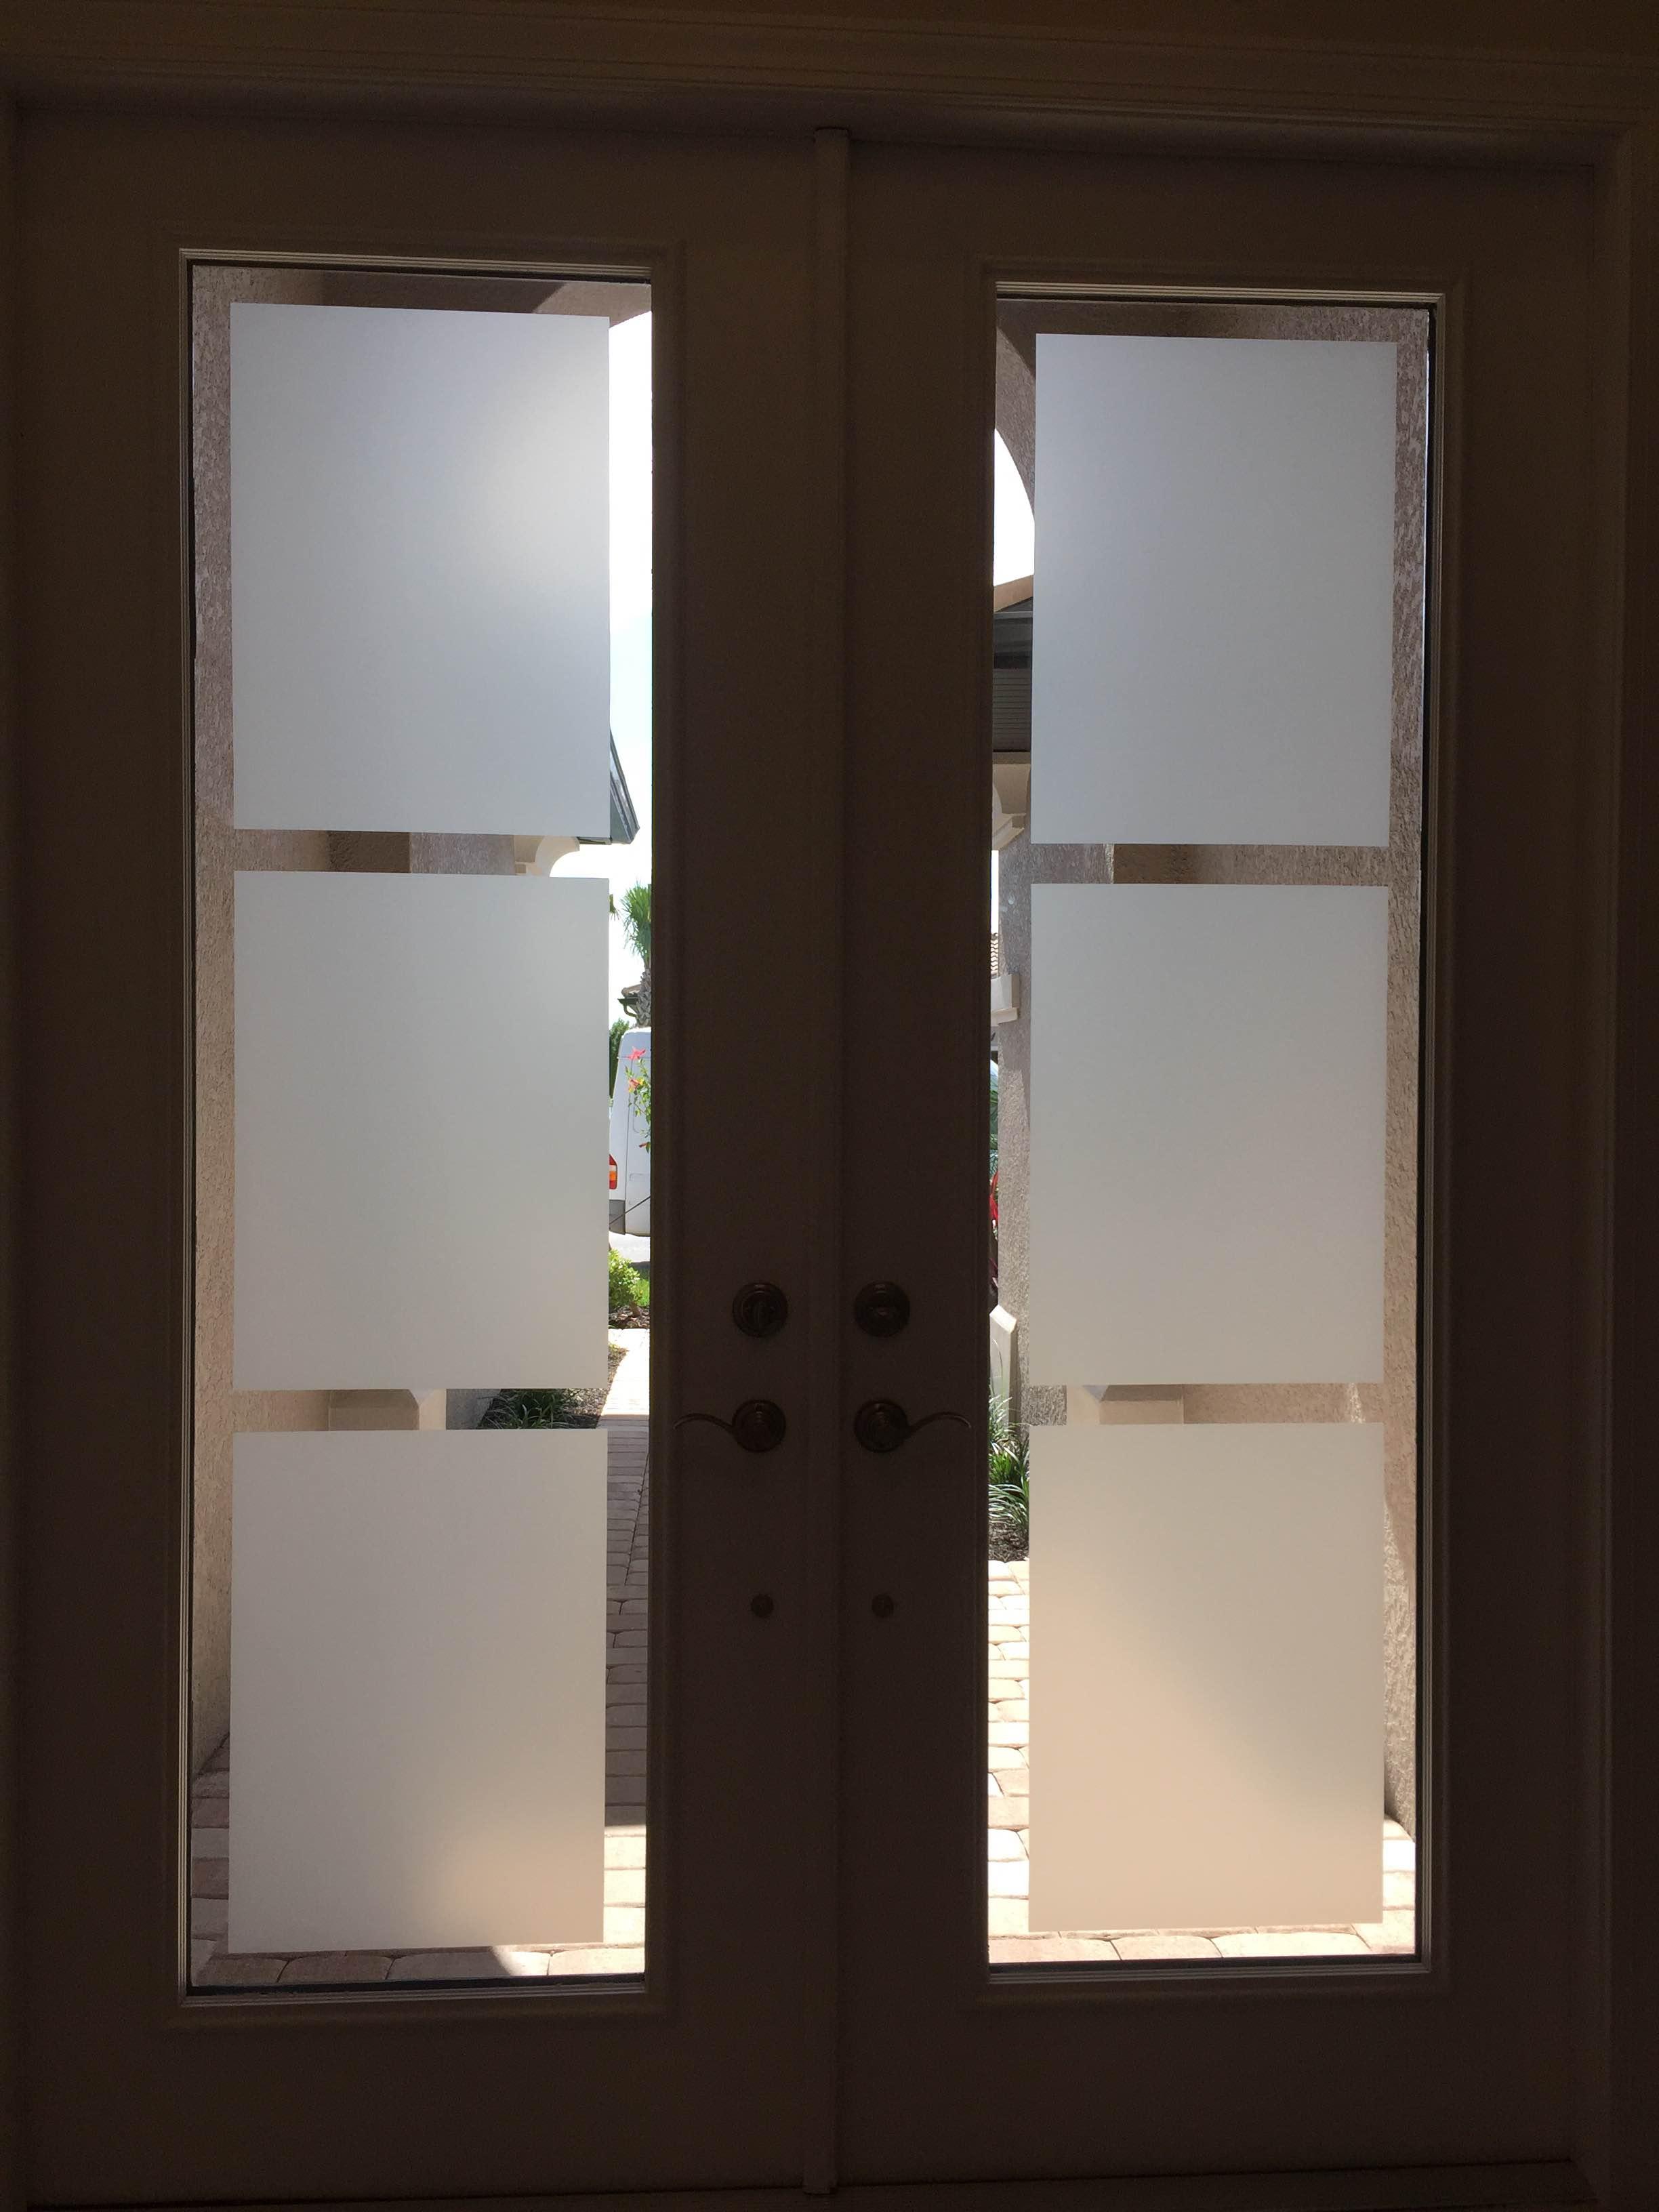 Custom Glass Window Film